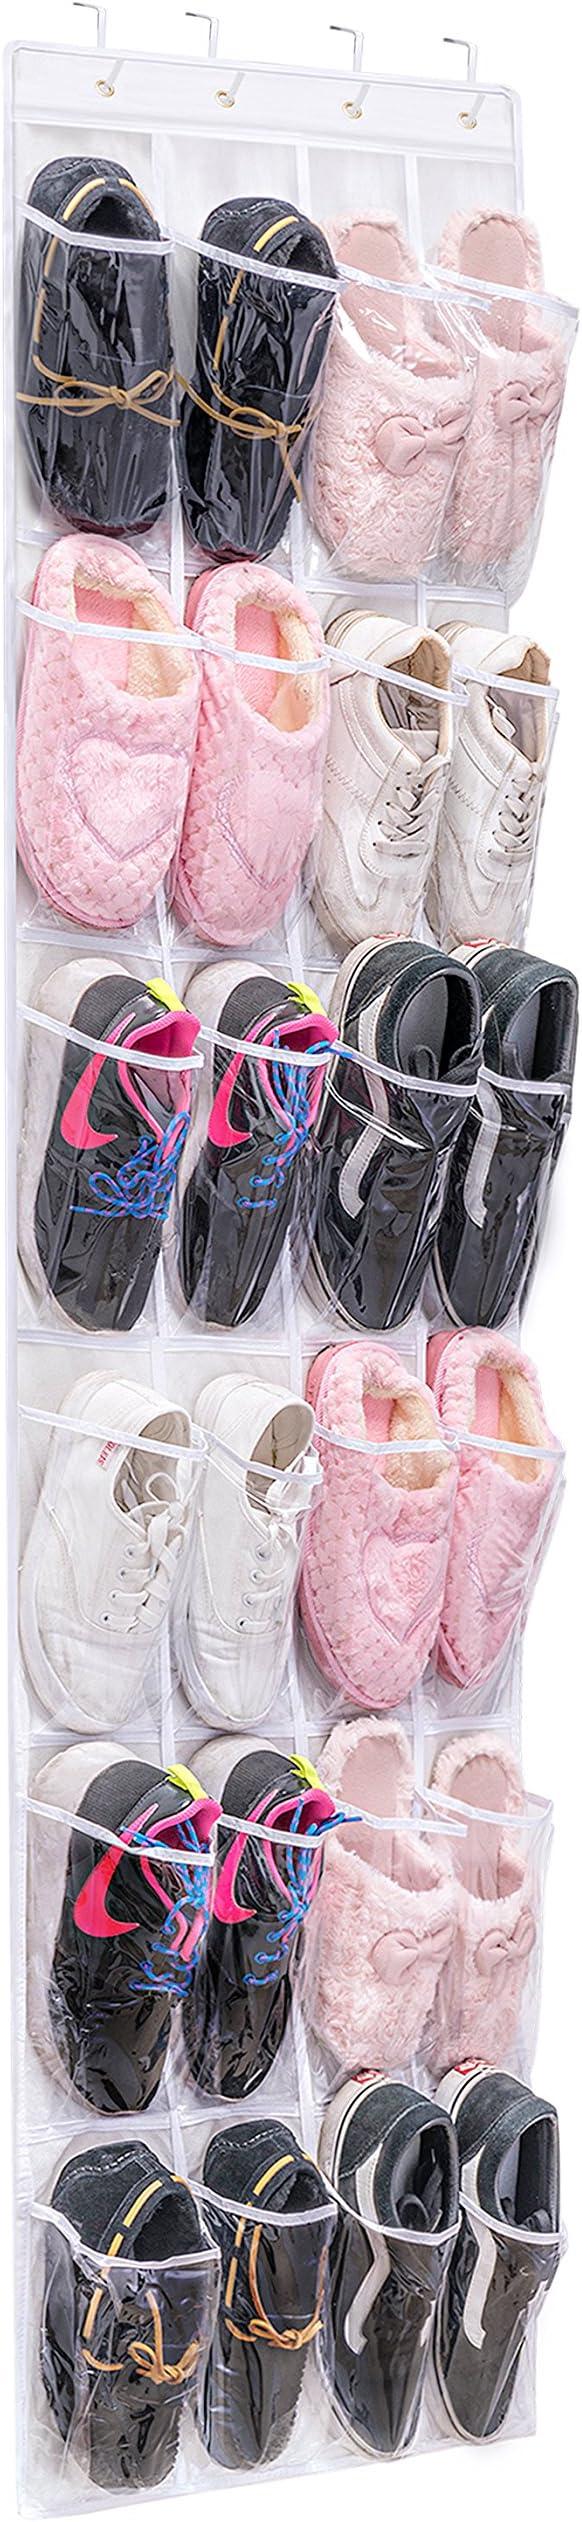 Gain d/'espace rack niveau 4//10 chaussure soutirage organisateur 12-30 Paire Chaussures stockage nouveau